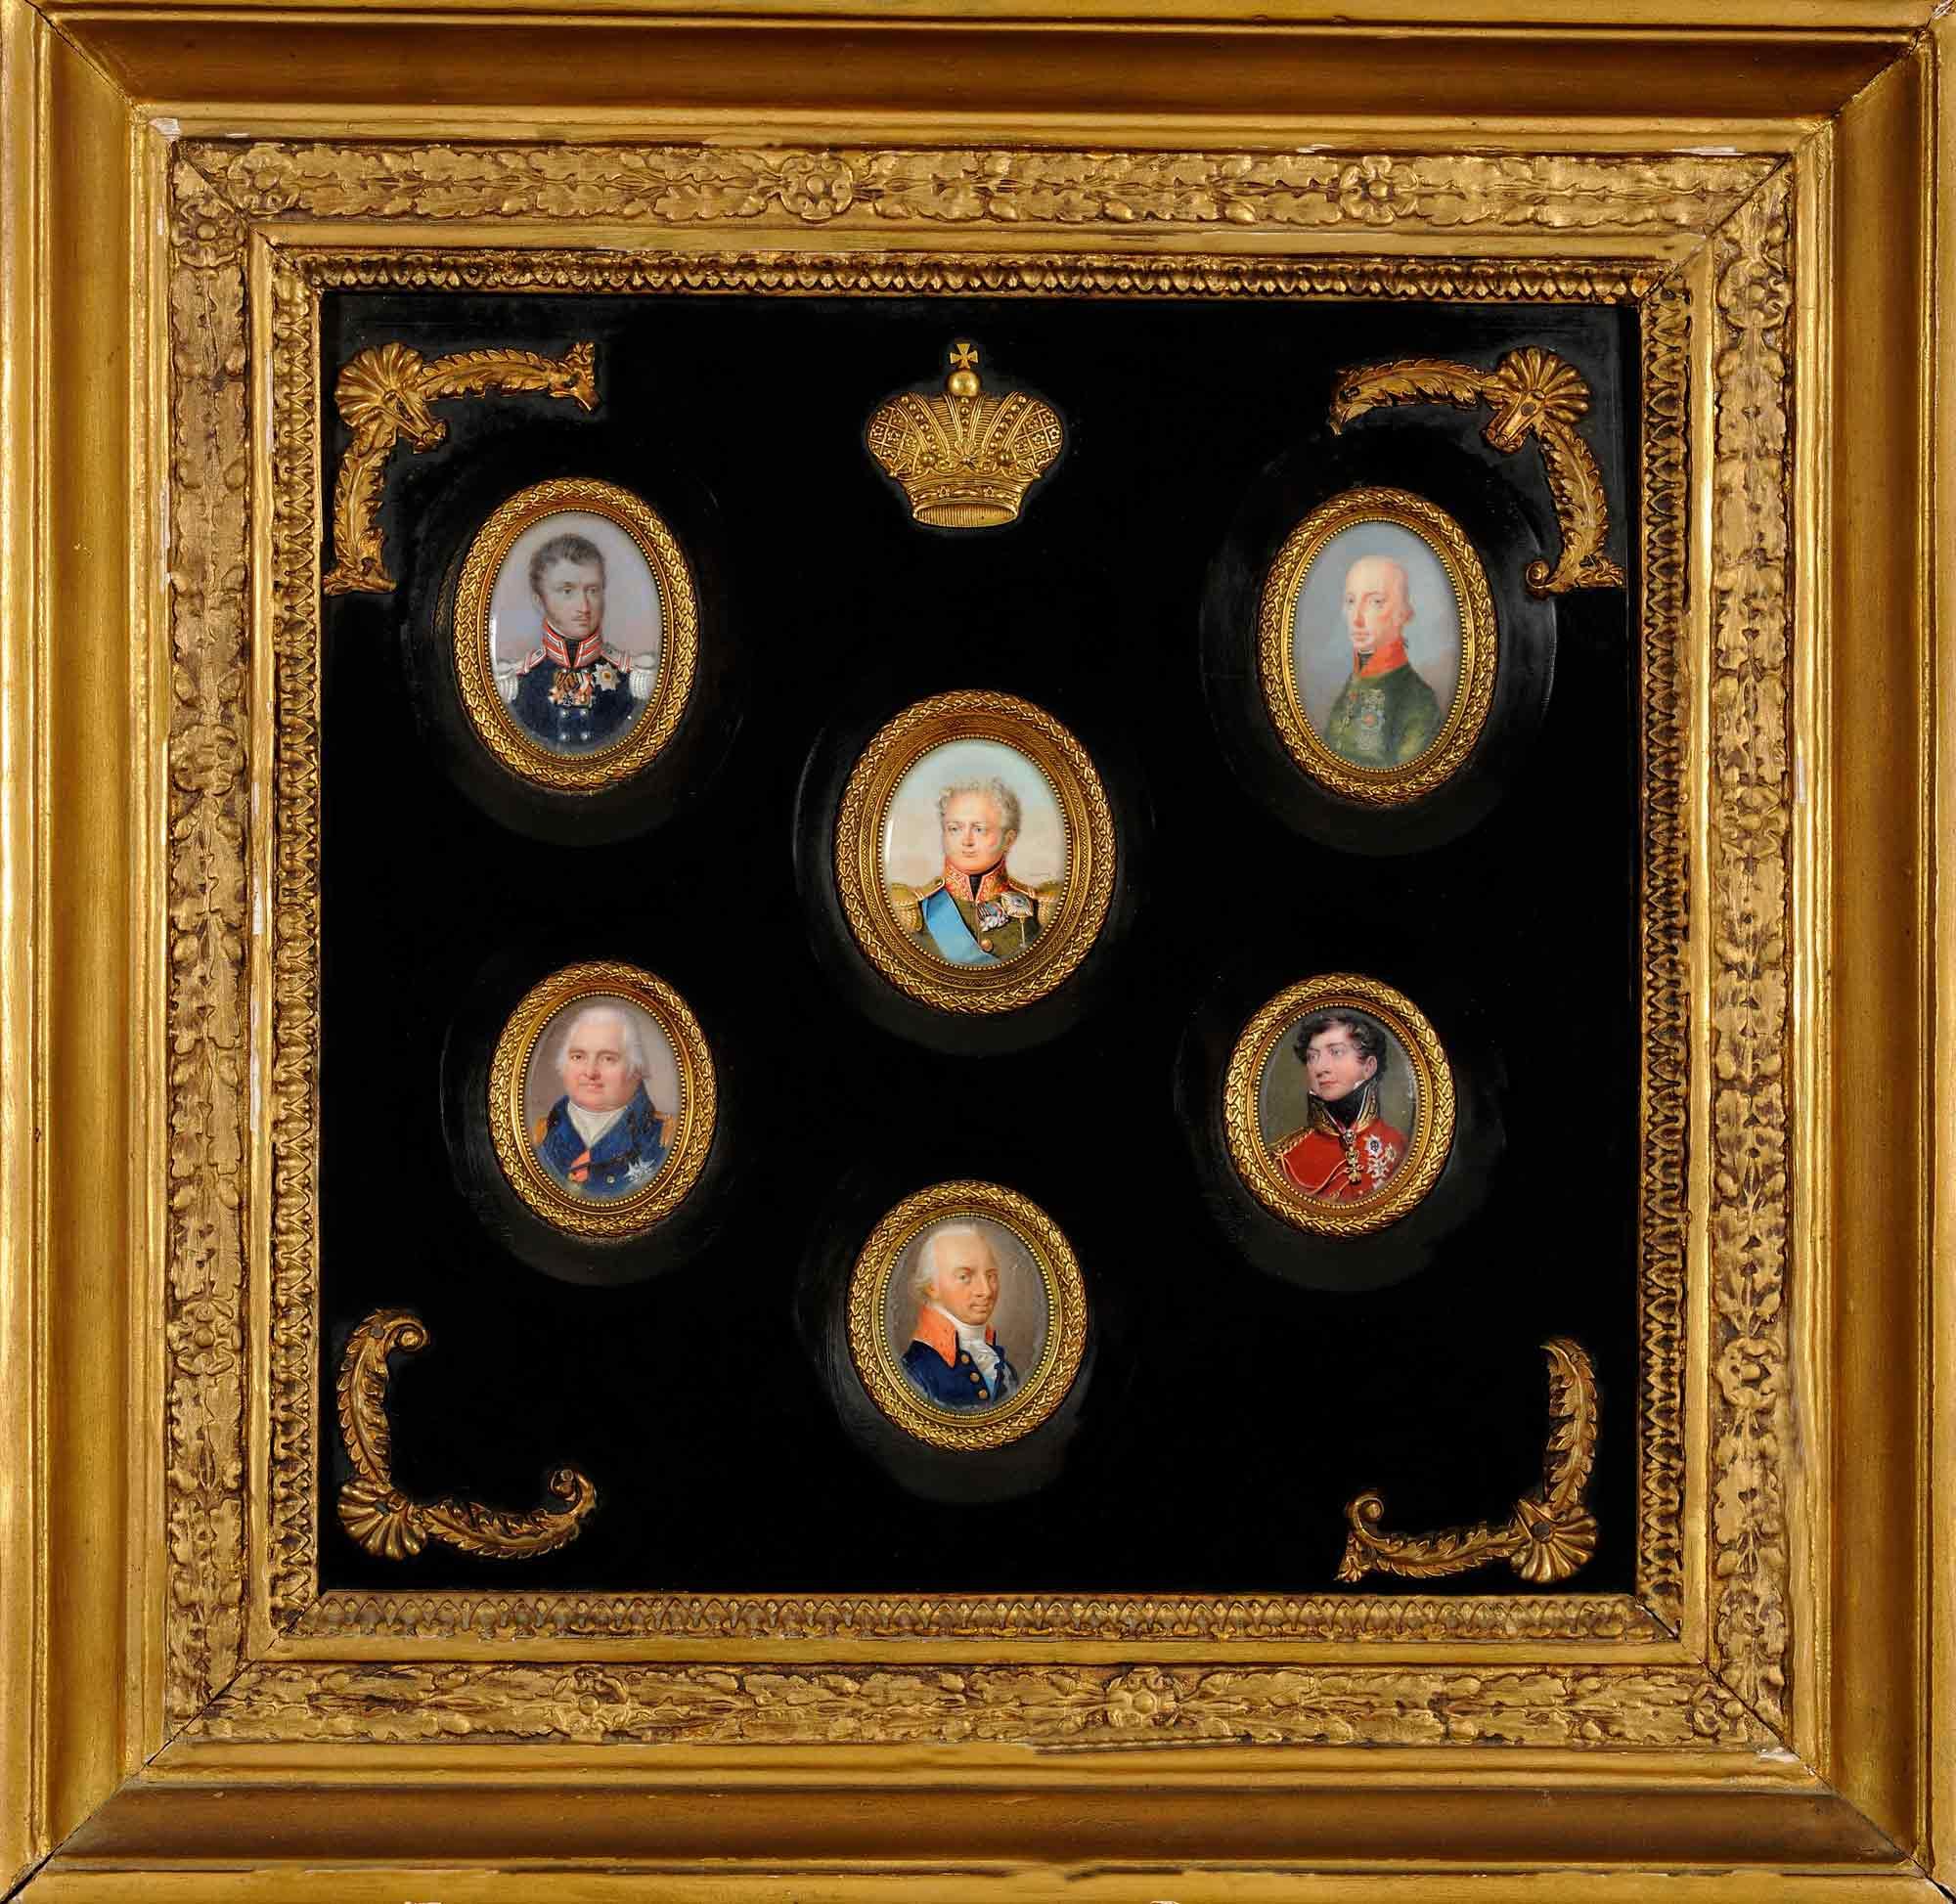 Πίνακας με έξι μικρές προσωπογραφίες των σημαντικότερων ηγεμόνων που έλαβαν μέρος στο Συνέδριο της Βιέννης - Συλλογή Μουσείου Καποδίστρια ΜΚ193